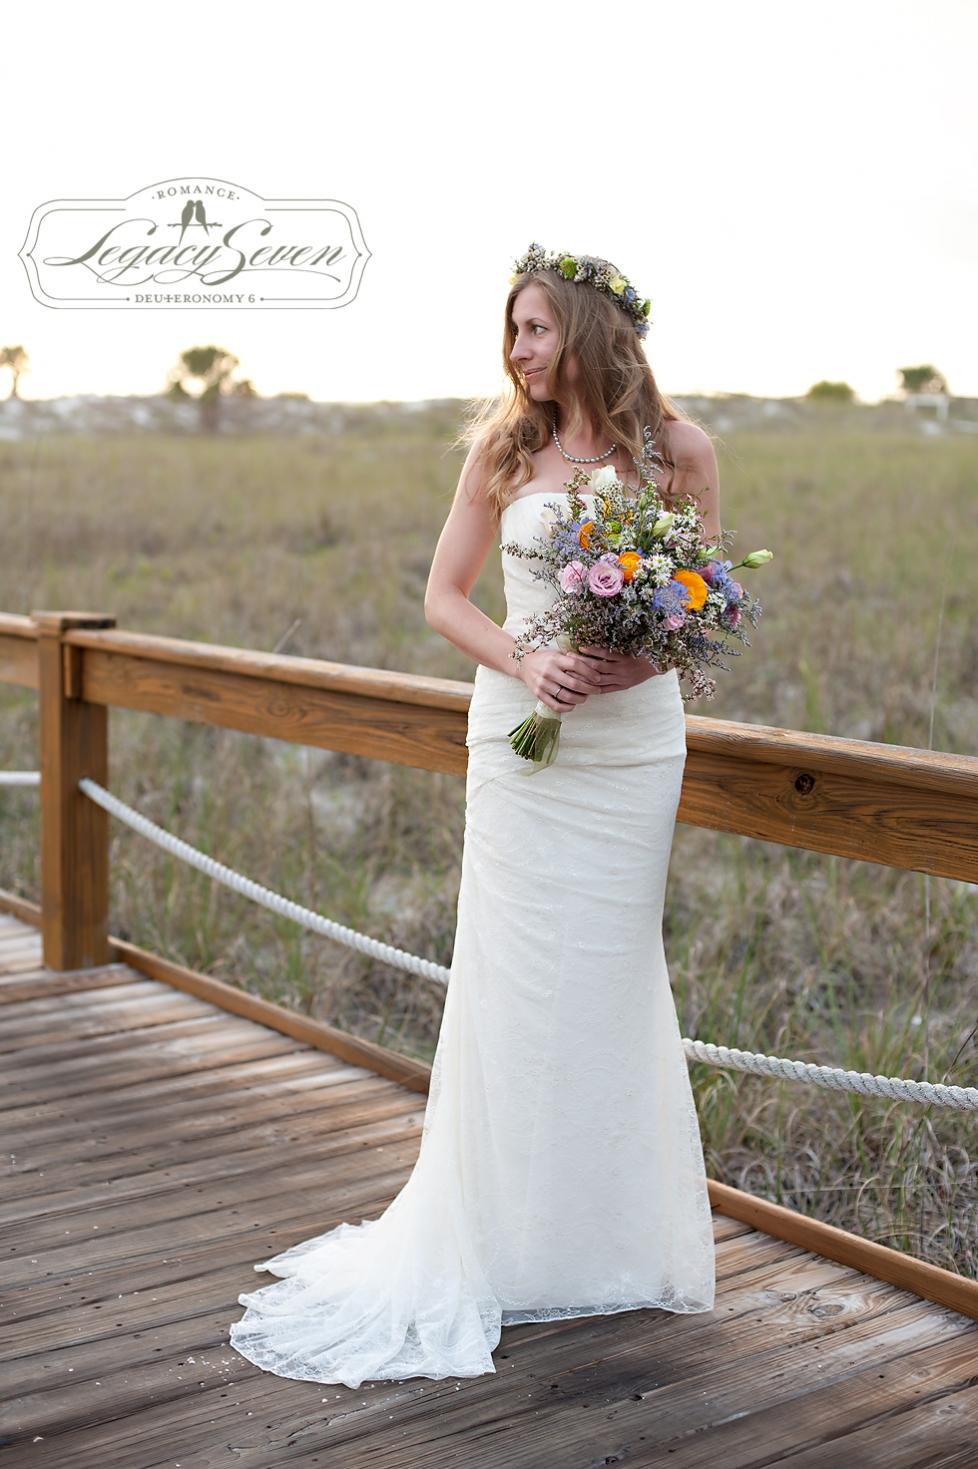 Beckwith pointe wedding photos